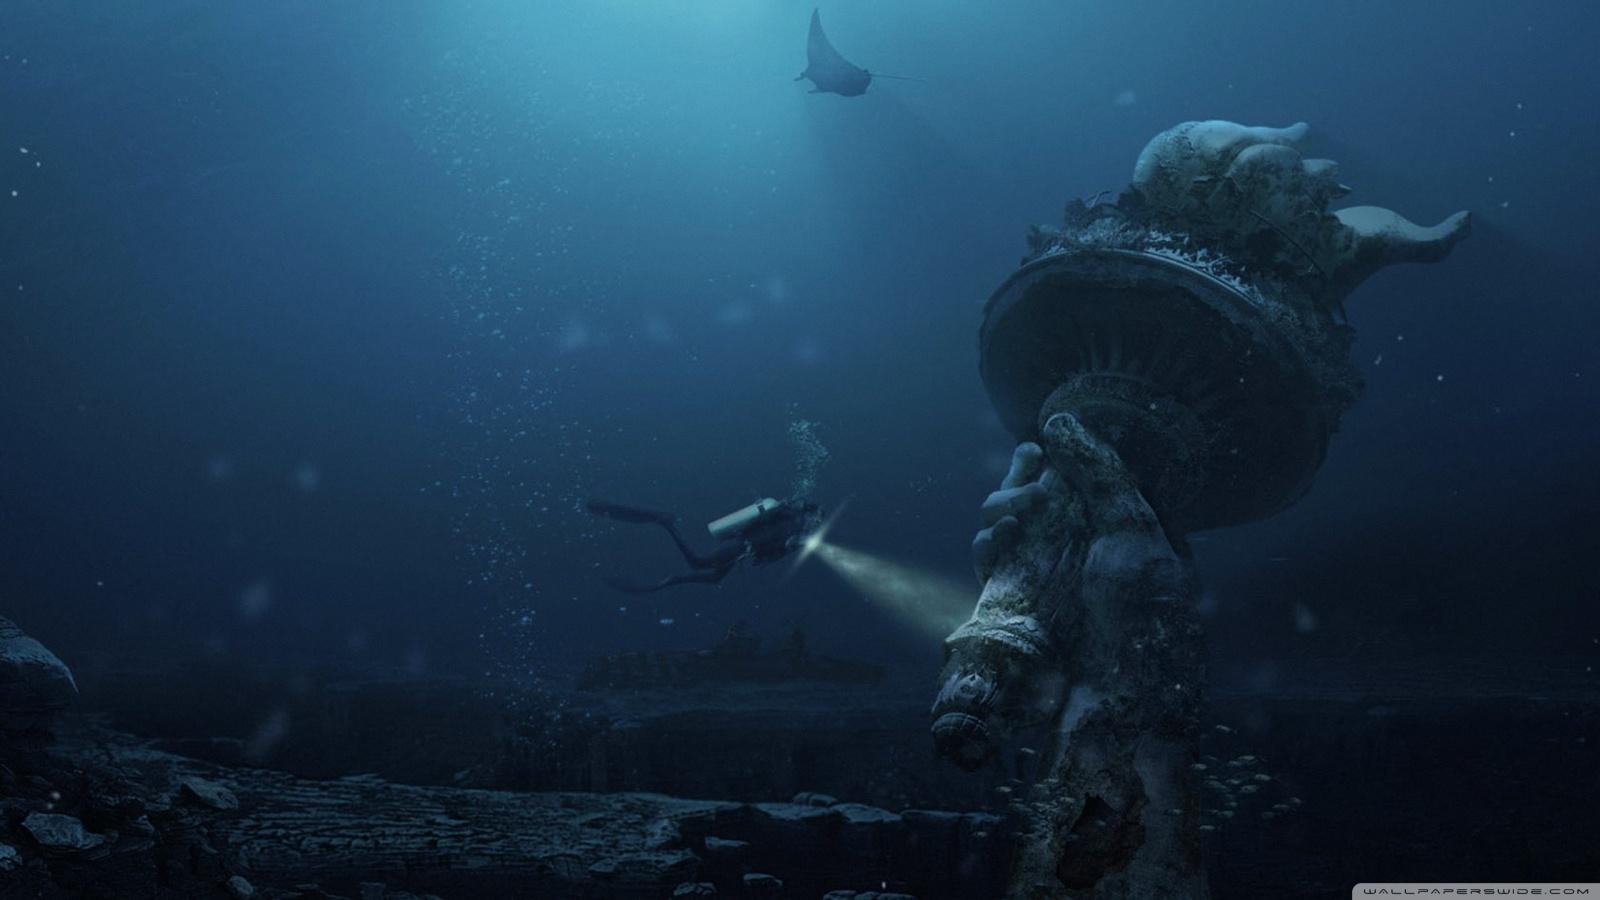 Underwater Ruins 4K HD Desktop Wallpaper for 4K Ultra HD TV 1600x900